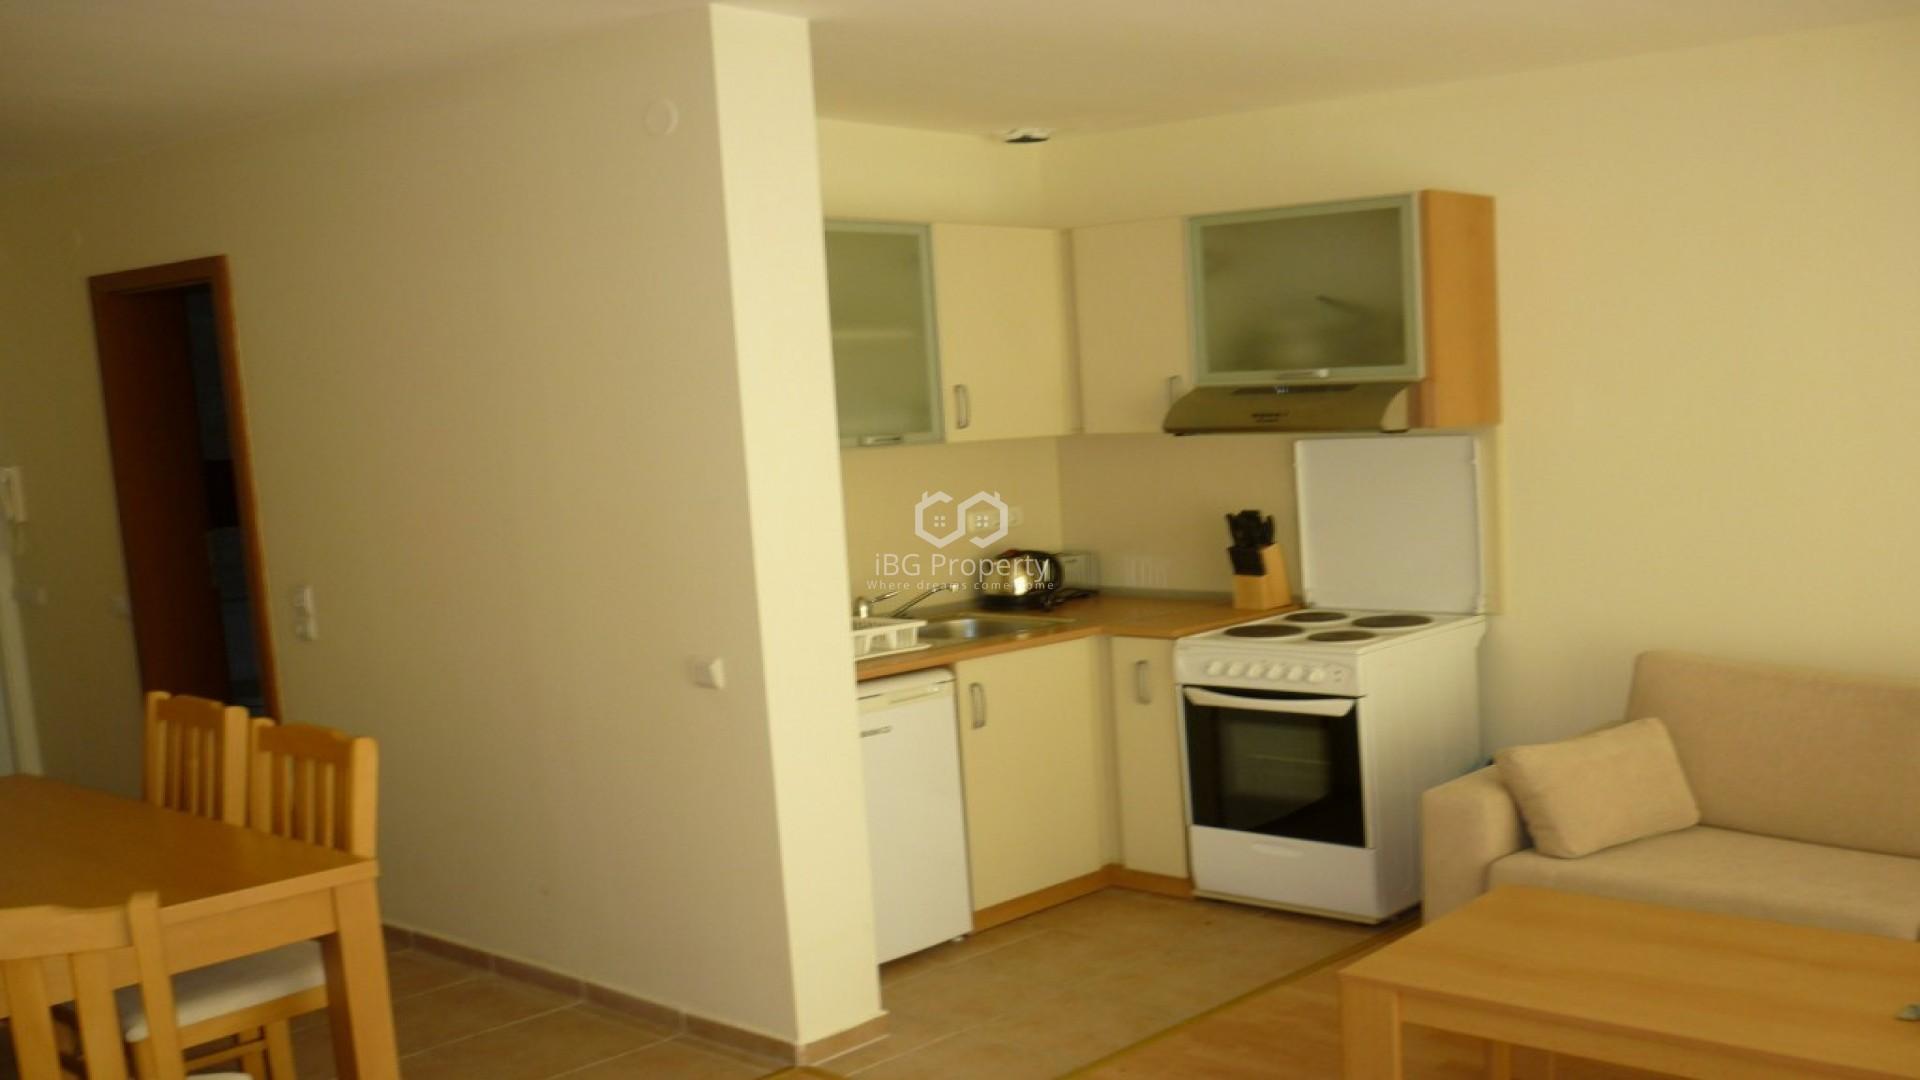 Eдностаен апартамент Елените 48 m2